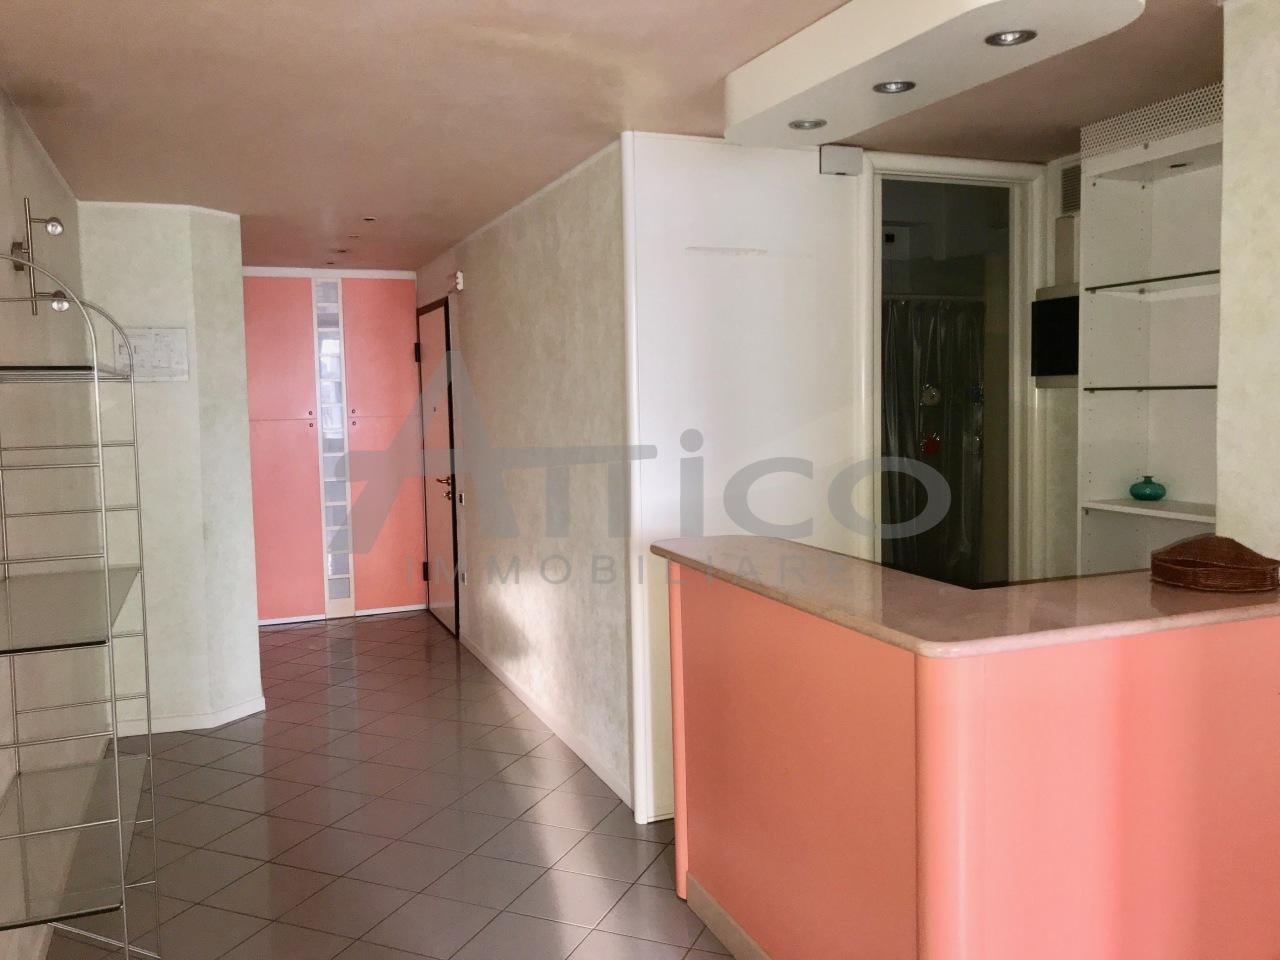 Appartamento - Pentalocale a Centro città, Rovigo